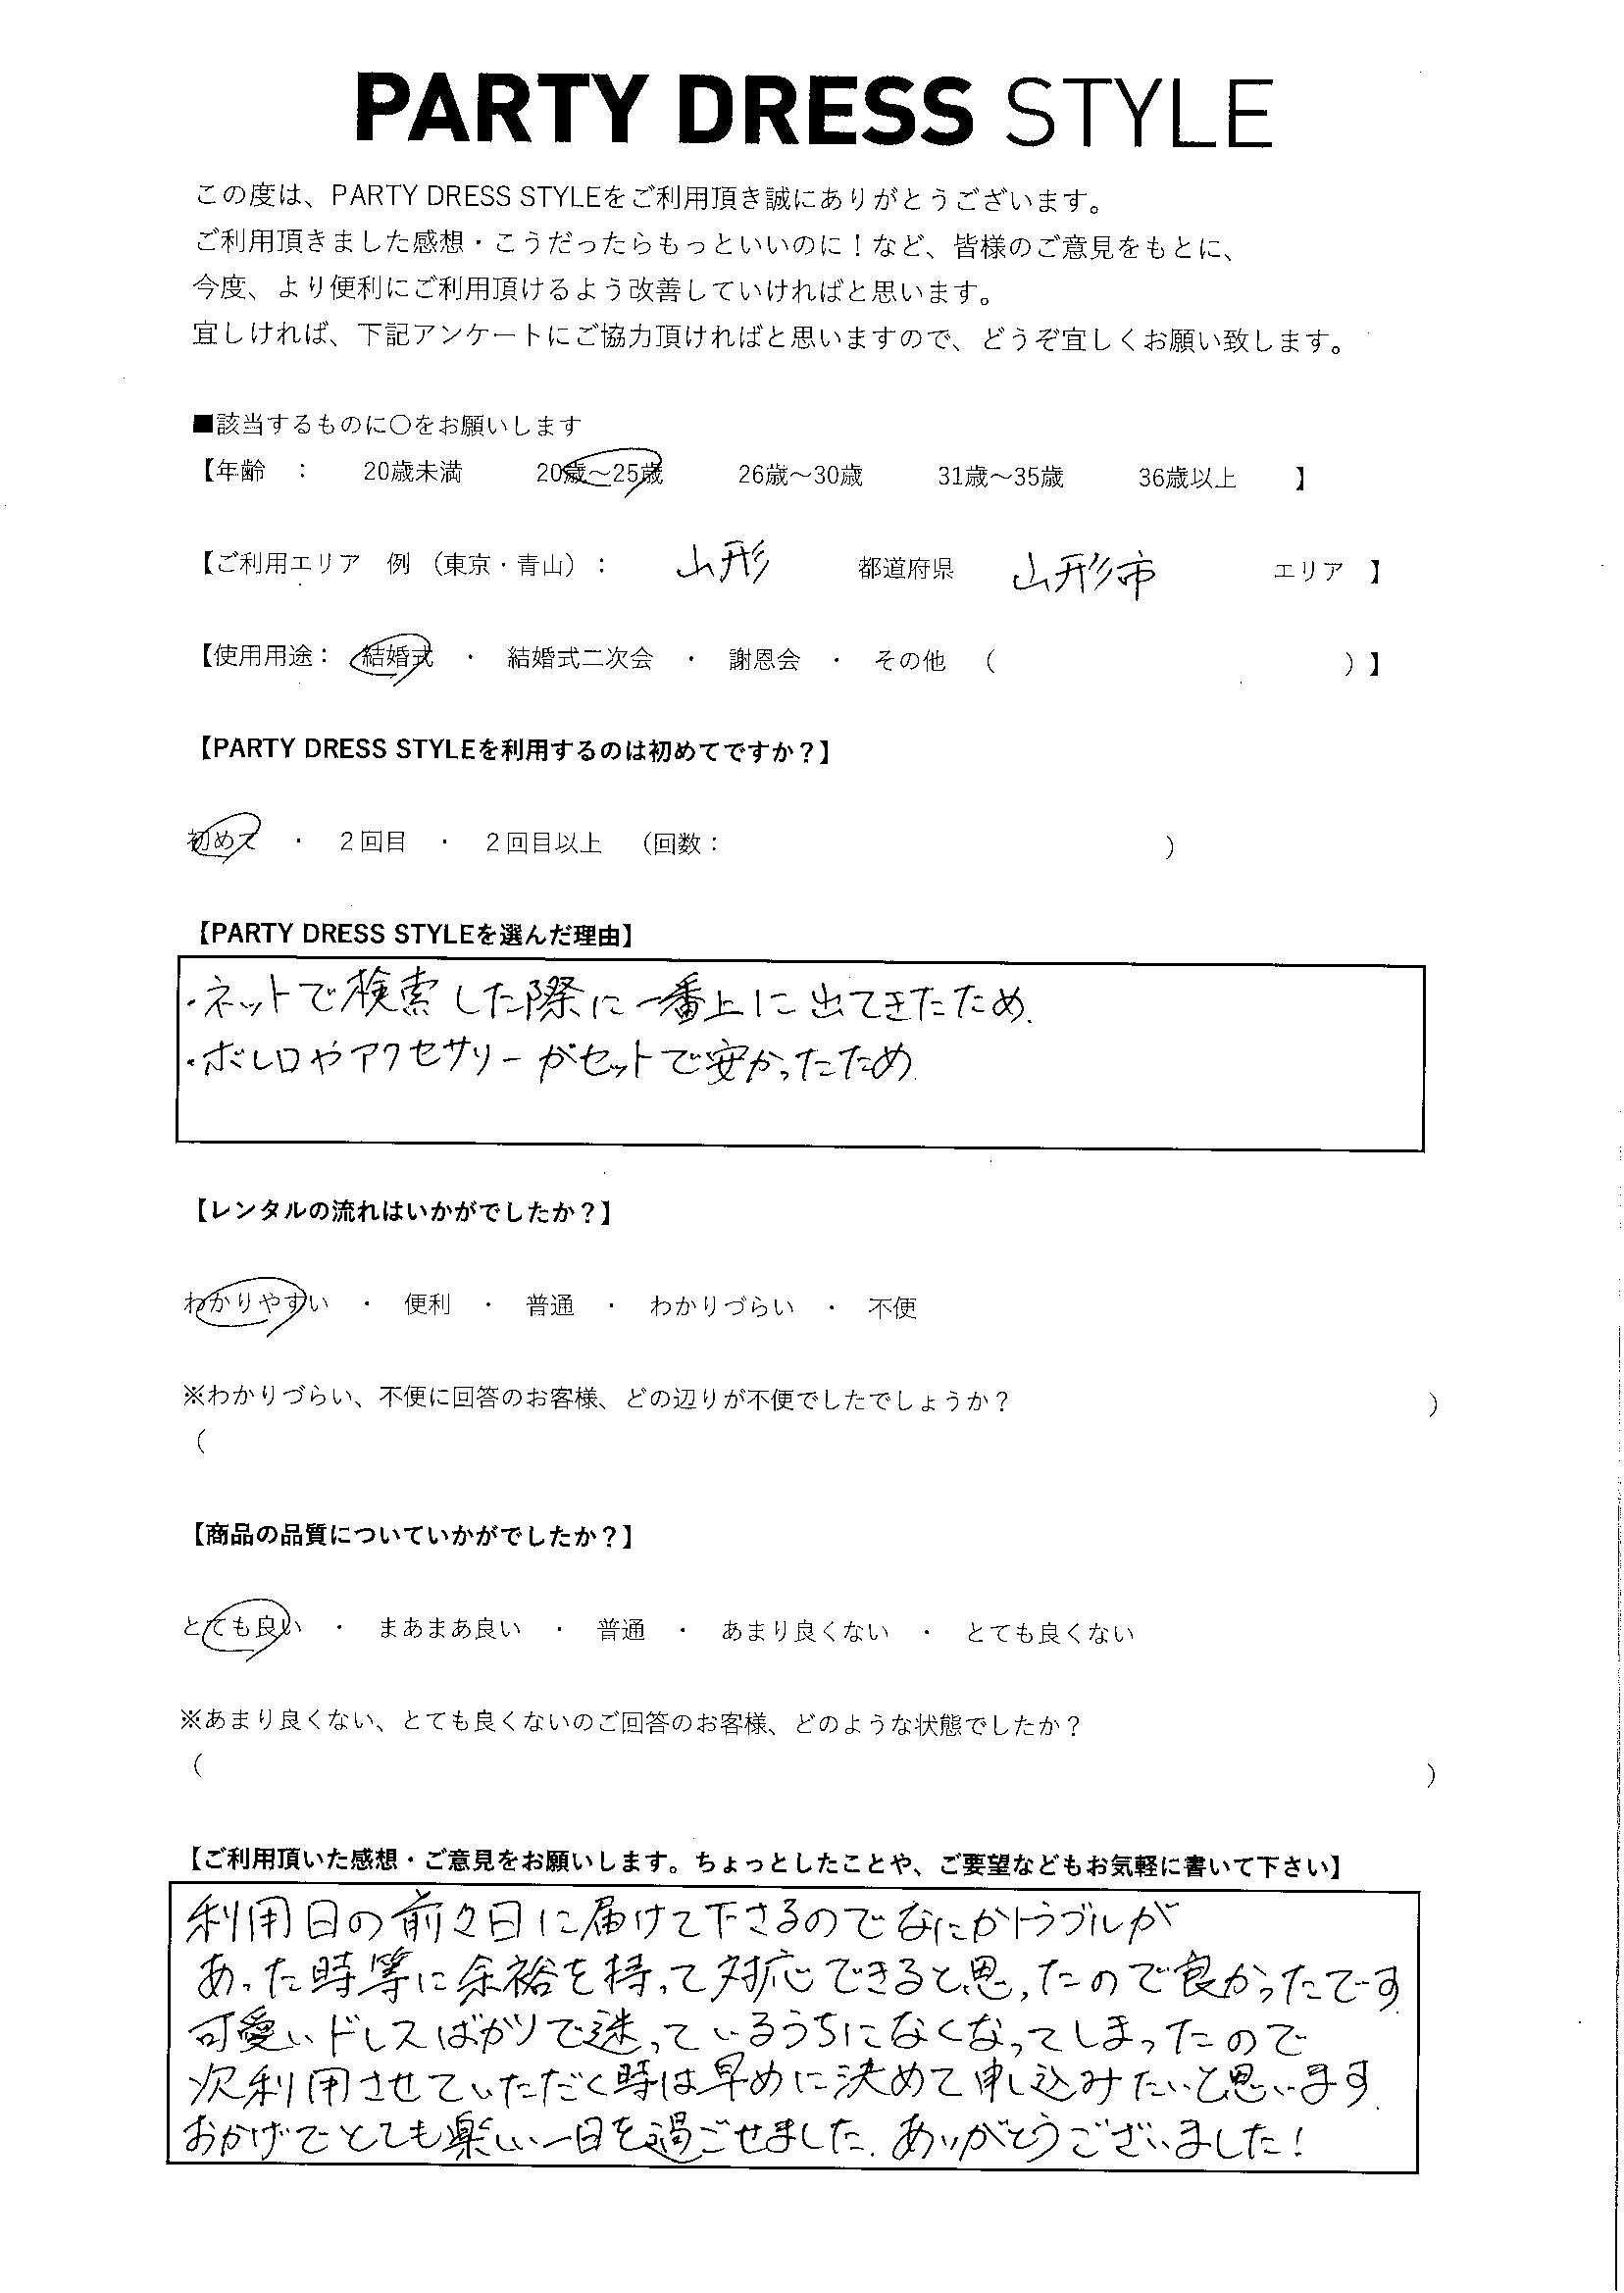 4/29結婚式ご利用 山形・山形エリア